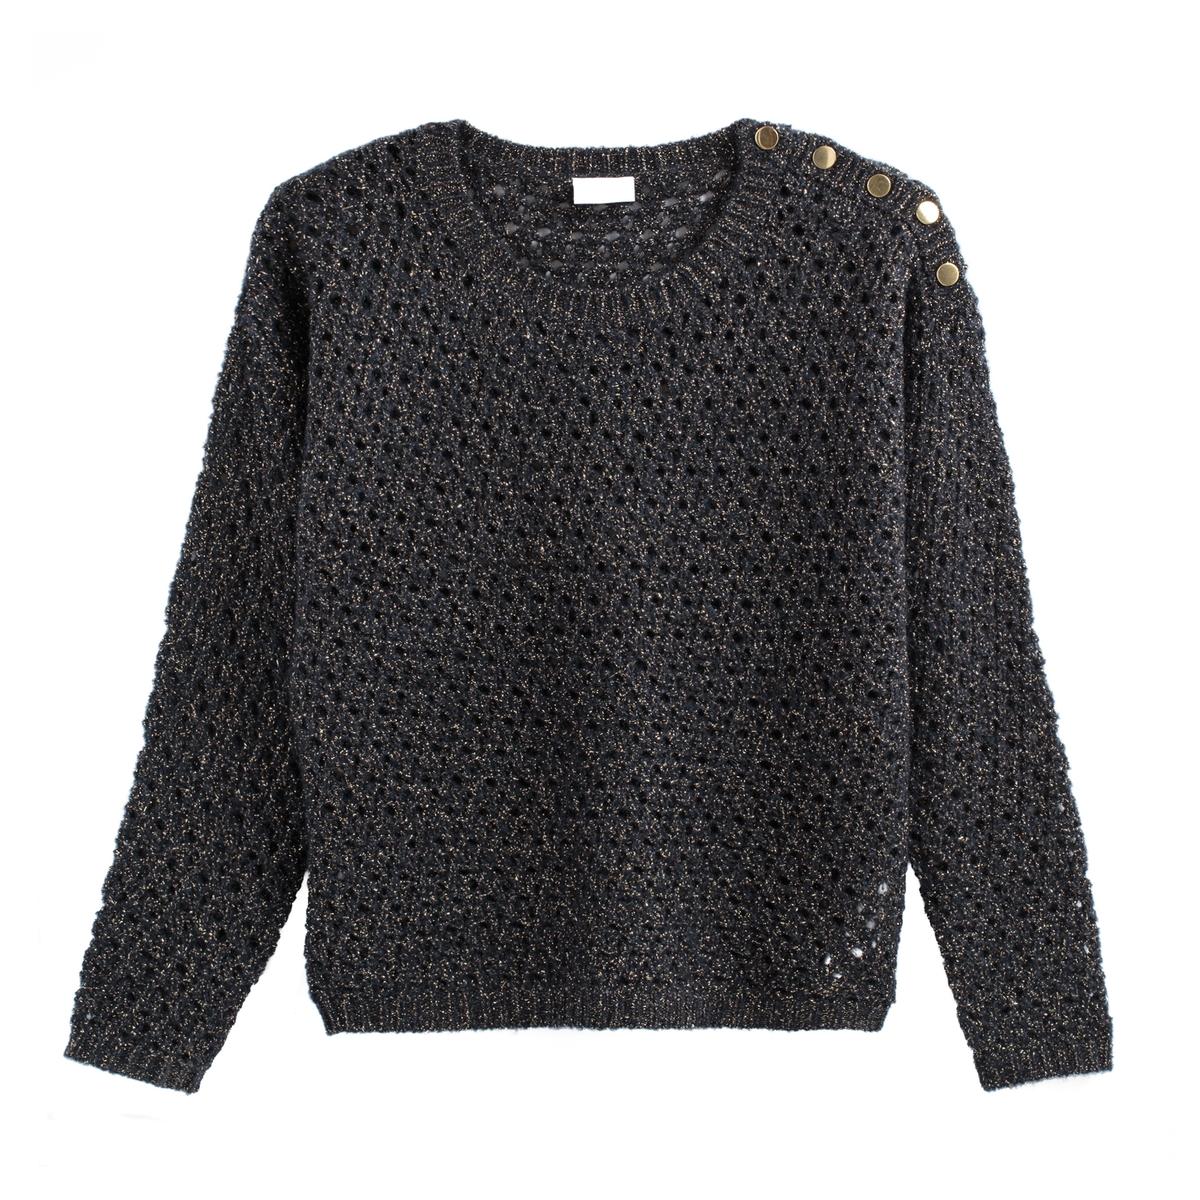 Пуловер La Redoute Ажурный с круглым вырезом с застежкой на пуговицы на плече XS синий пиджак с застежкой на пуговицы sartorio